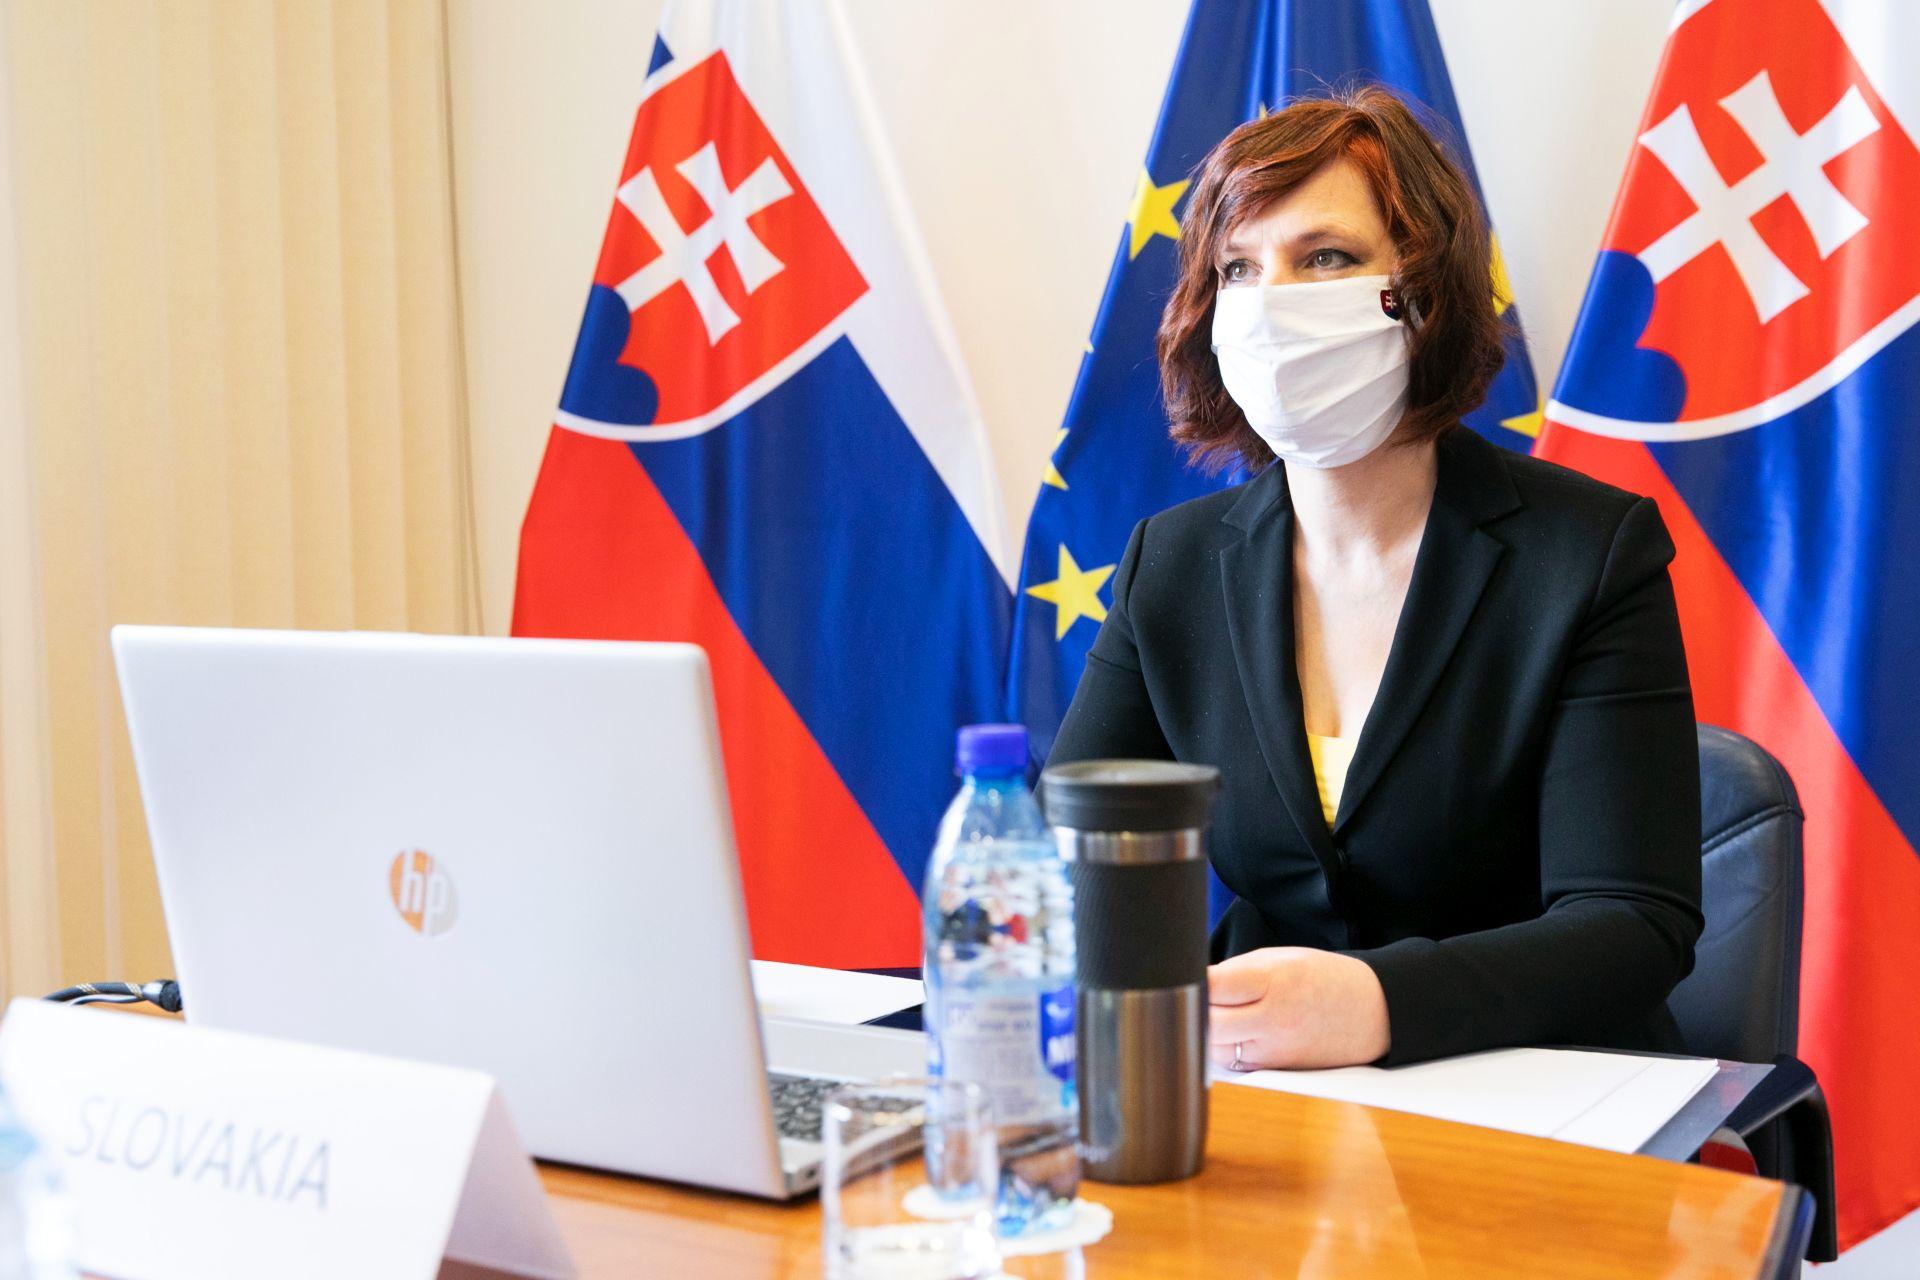 Dosiahli sme dohodu – jedinečná príležitosť a zodpovednosť pre Slovensko